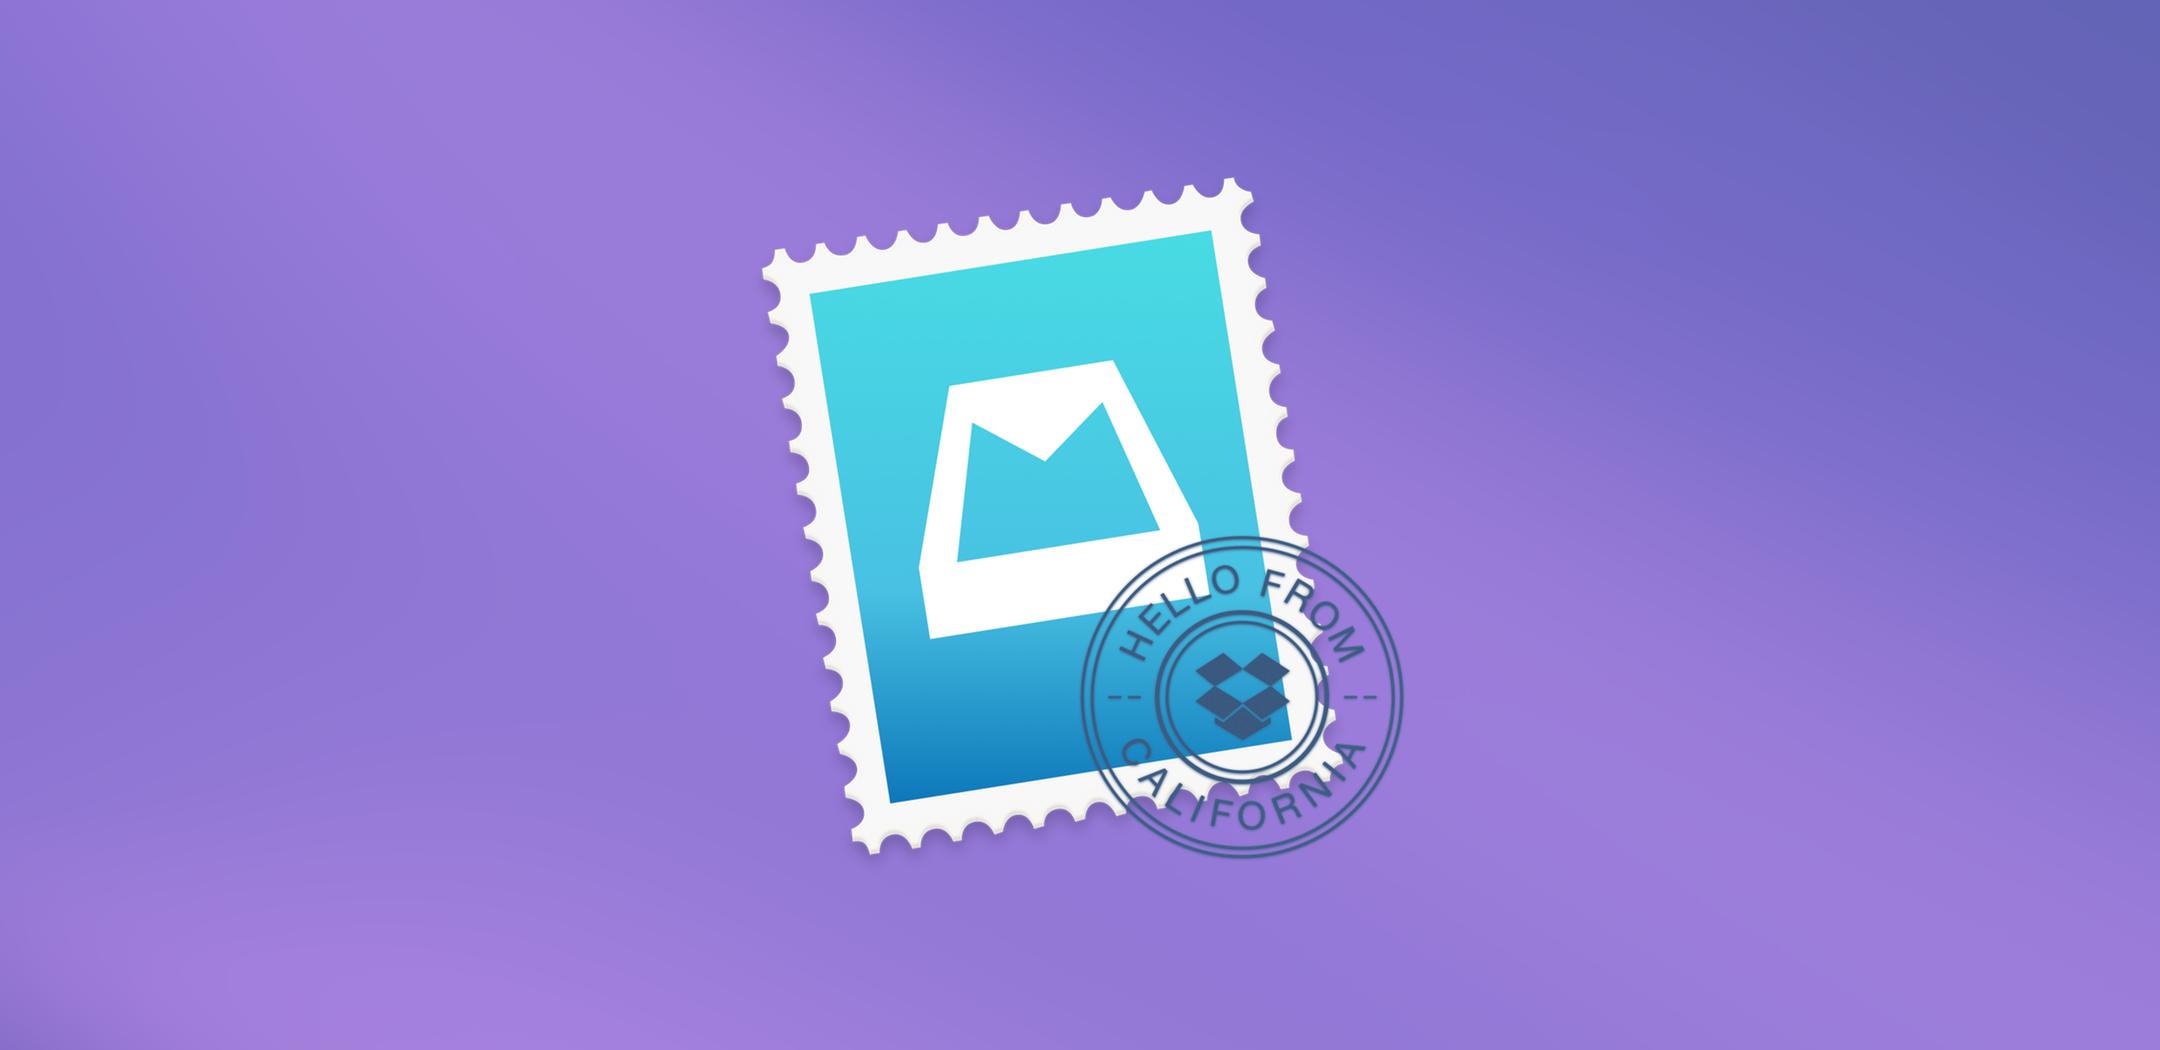 Iconos OS X Yosemite: Mailbox